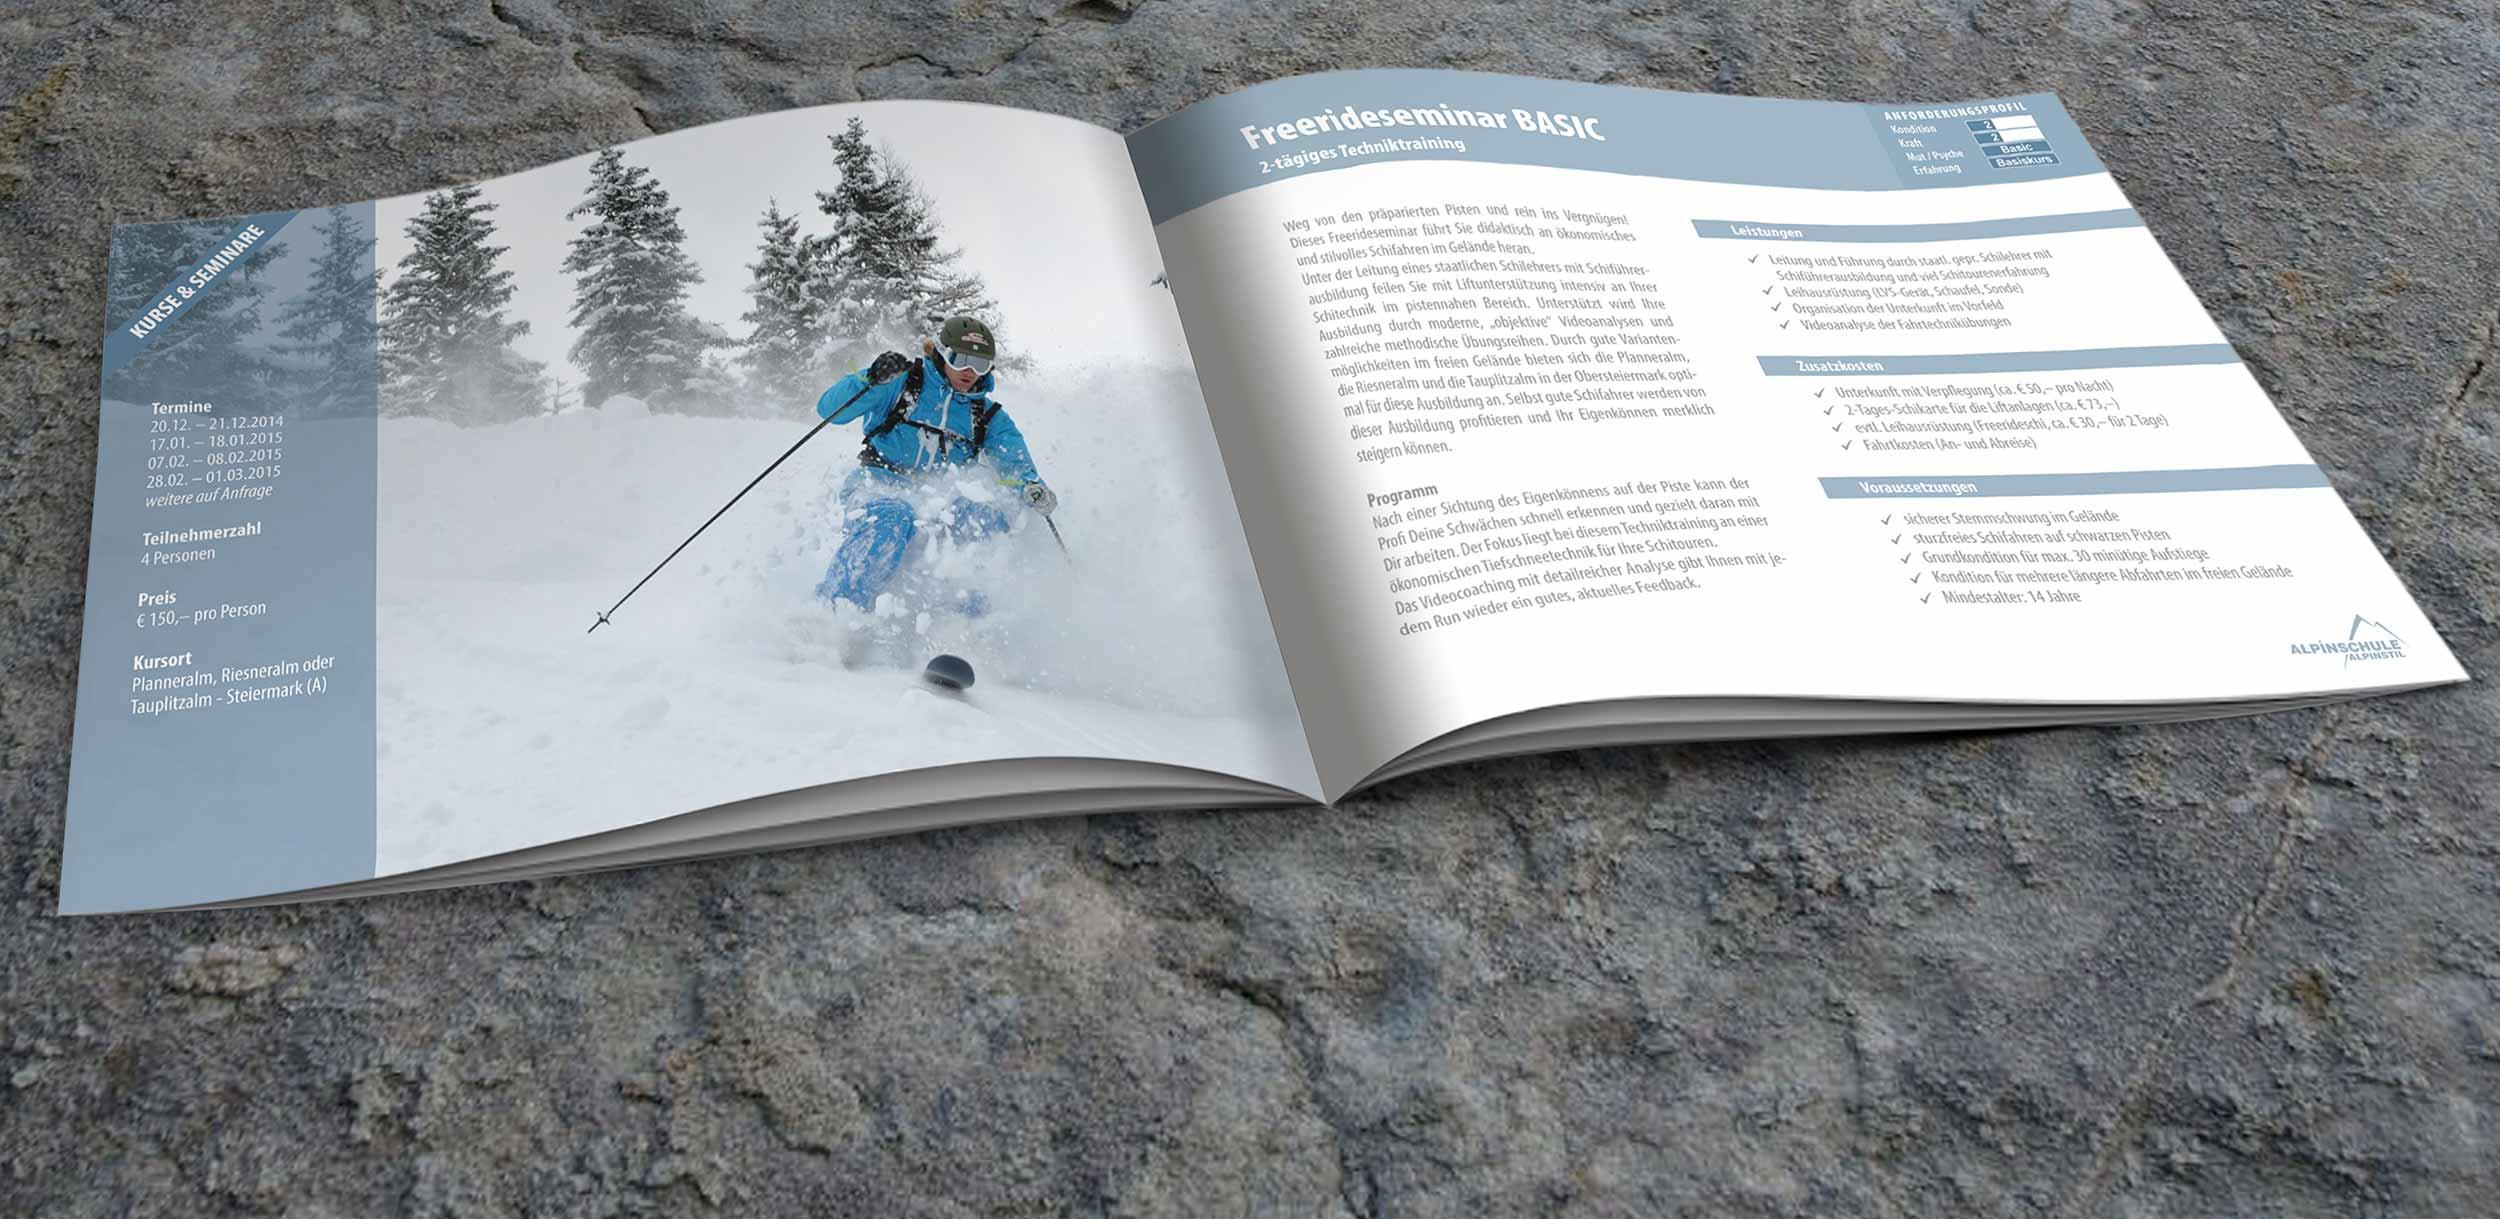 Skitourenkurse-Broschuere